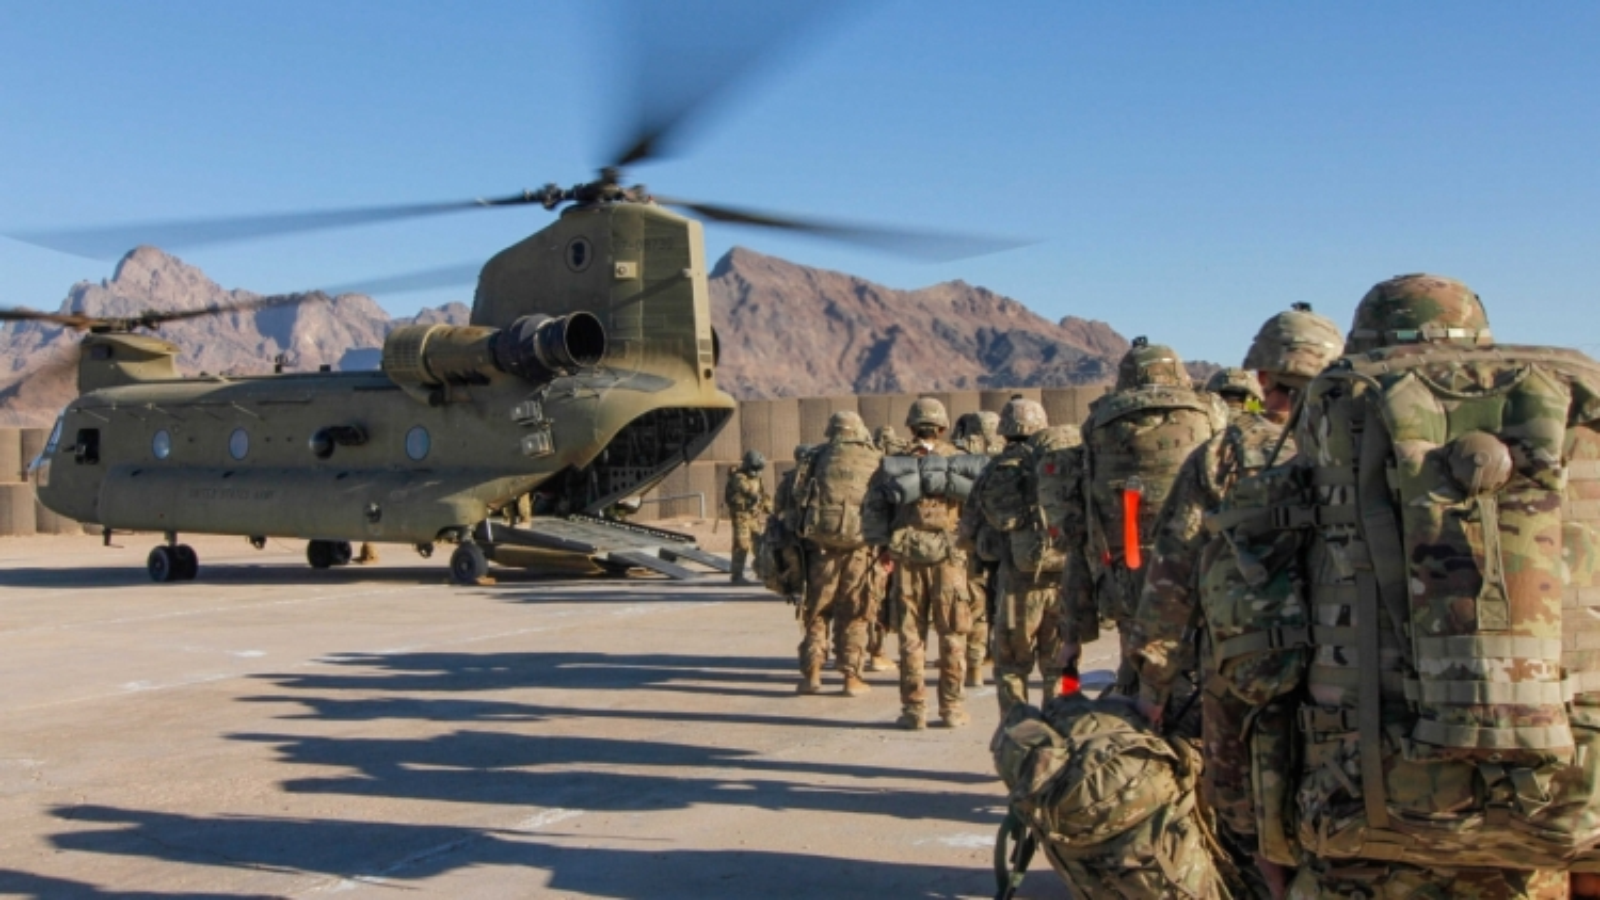 Phương Tây ồ ạt rút quân, lãnh đạo Afghanistan tới Mỹ tìm sự đảm bảo